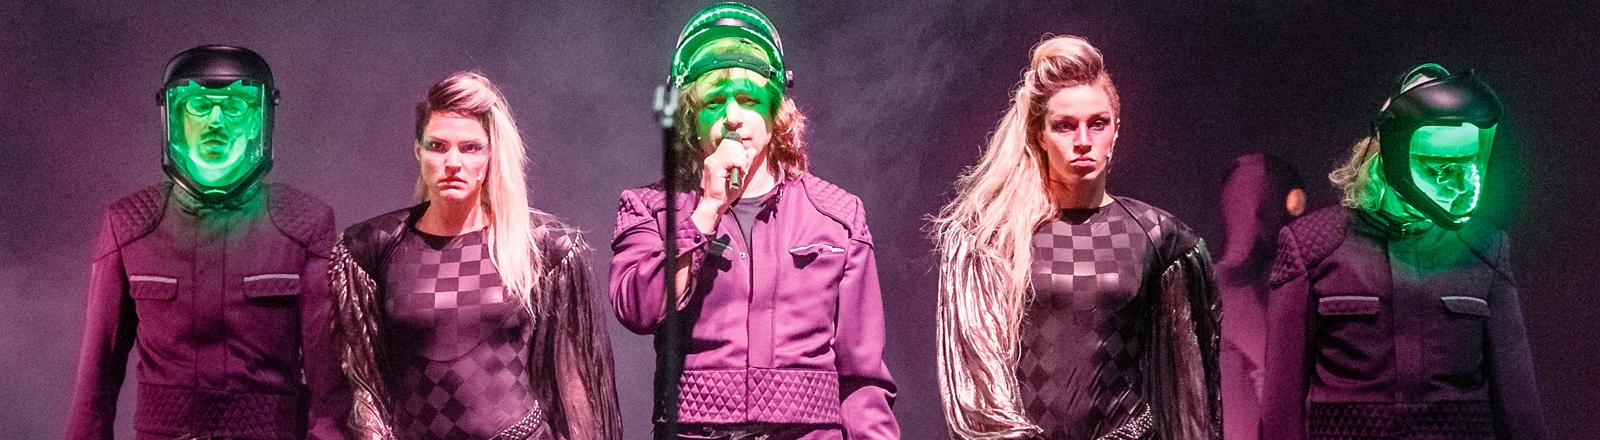 """Die Schauspieler und Musiker Jaques Palminger (l-r), Alicia Aumüller, Rocko Schamoni, Franziska Hartmann und Heinz Strunk spielen am 29.04.2014 in Hamburg auf der Fotoprobe von """"Tonight:Fraktus""""."""